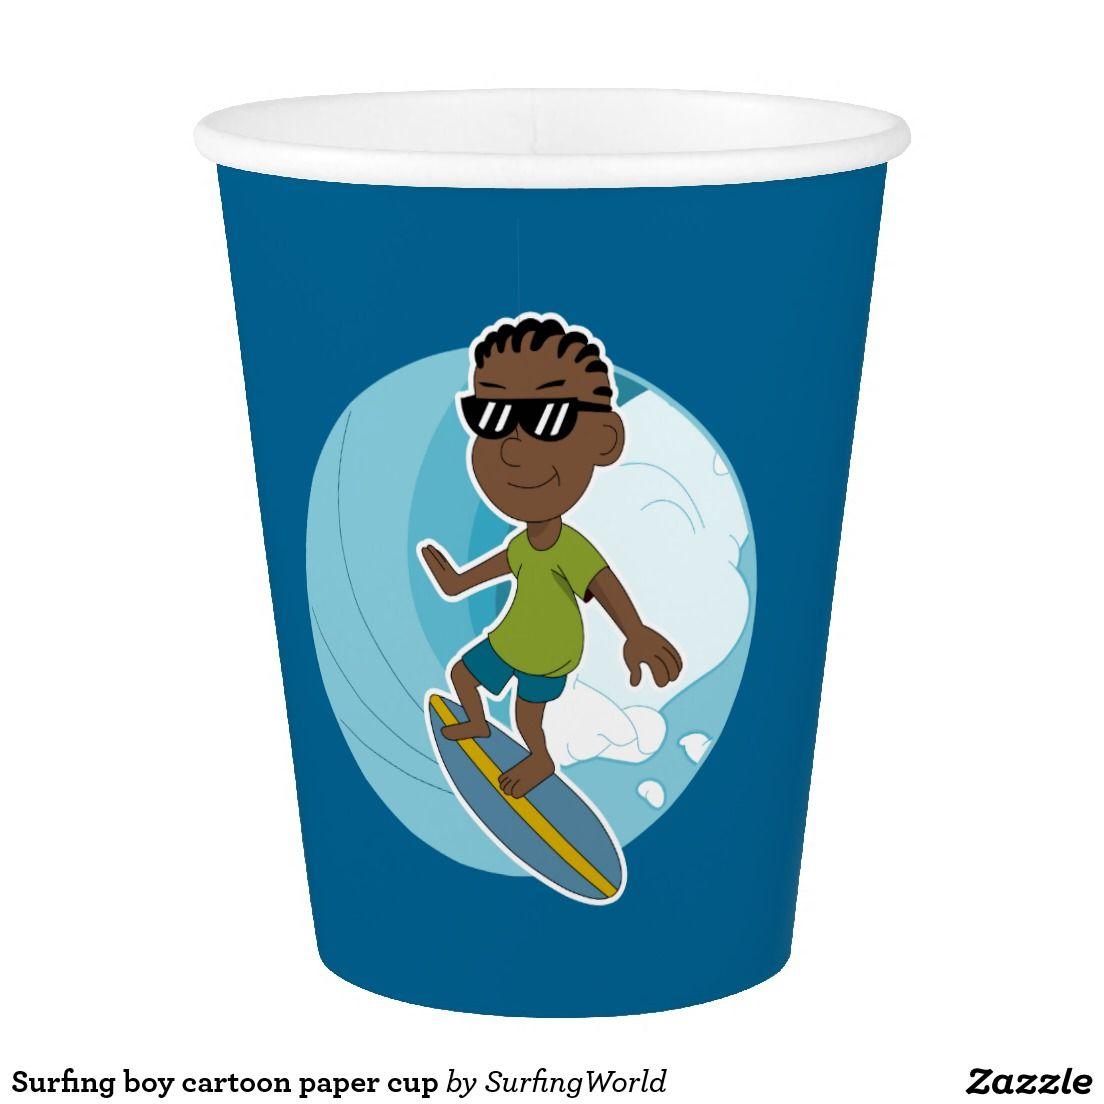 Surfing boy cartoon paper cup